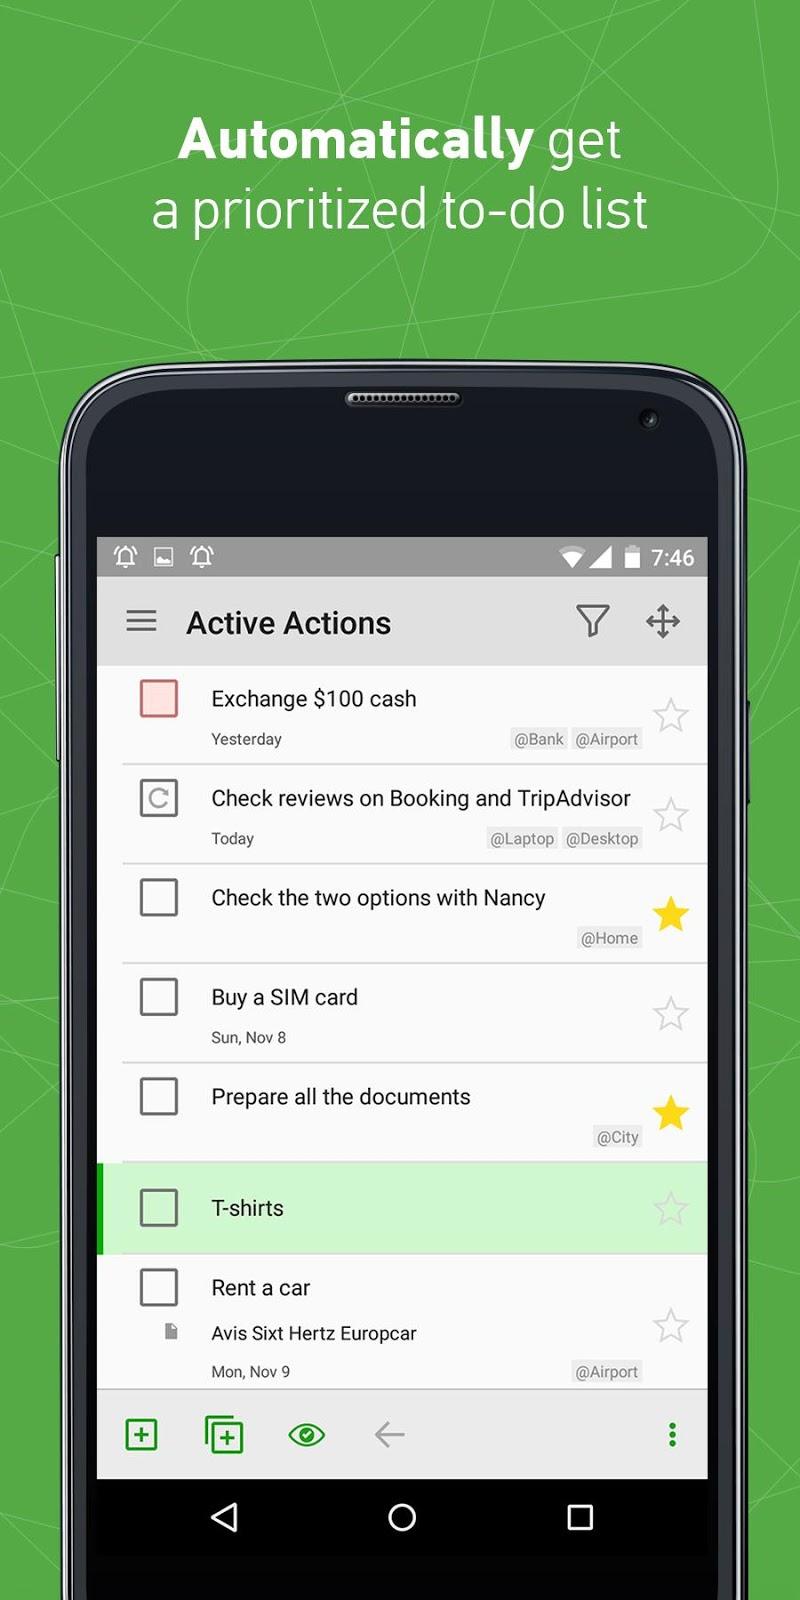 MyLifeOrganized: To-Do List Screenshot 3